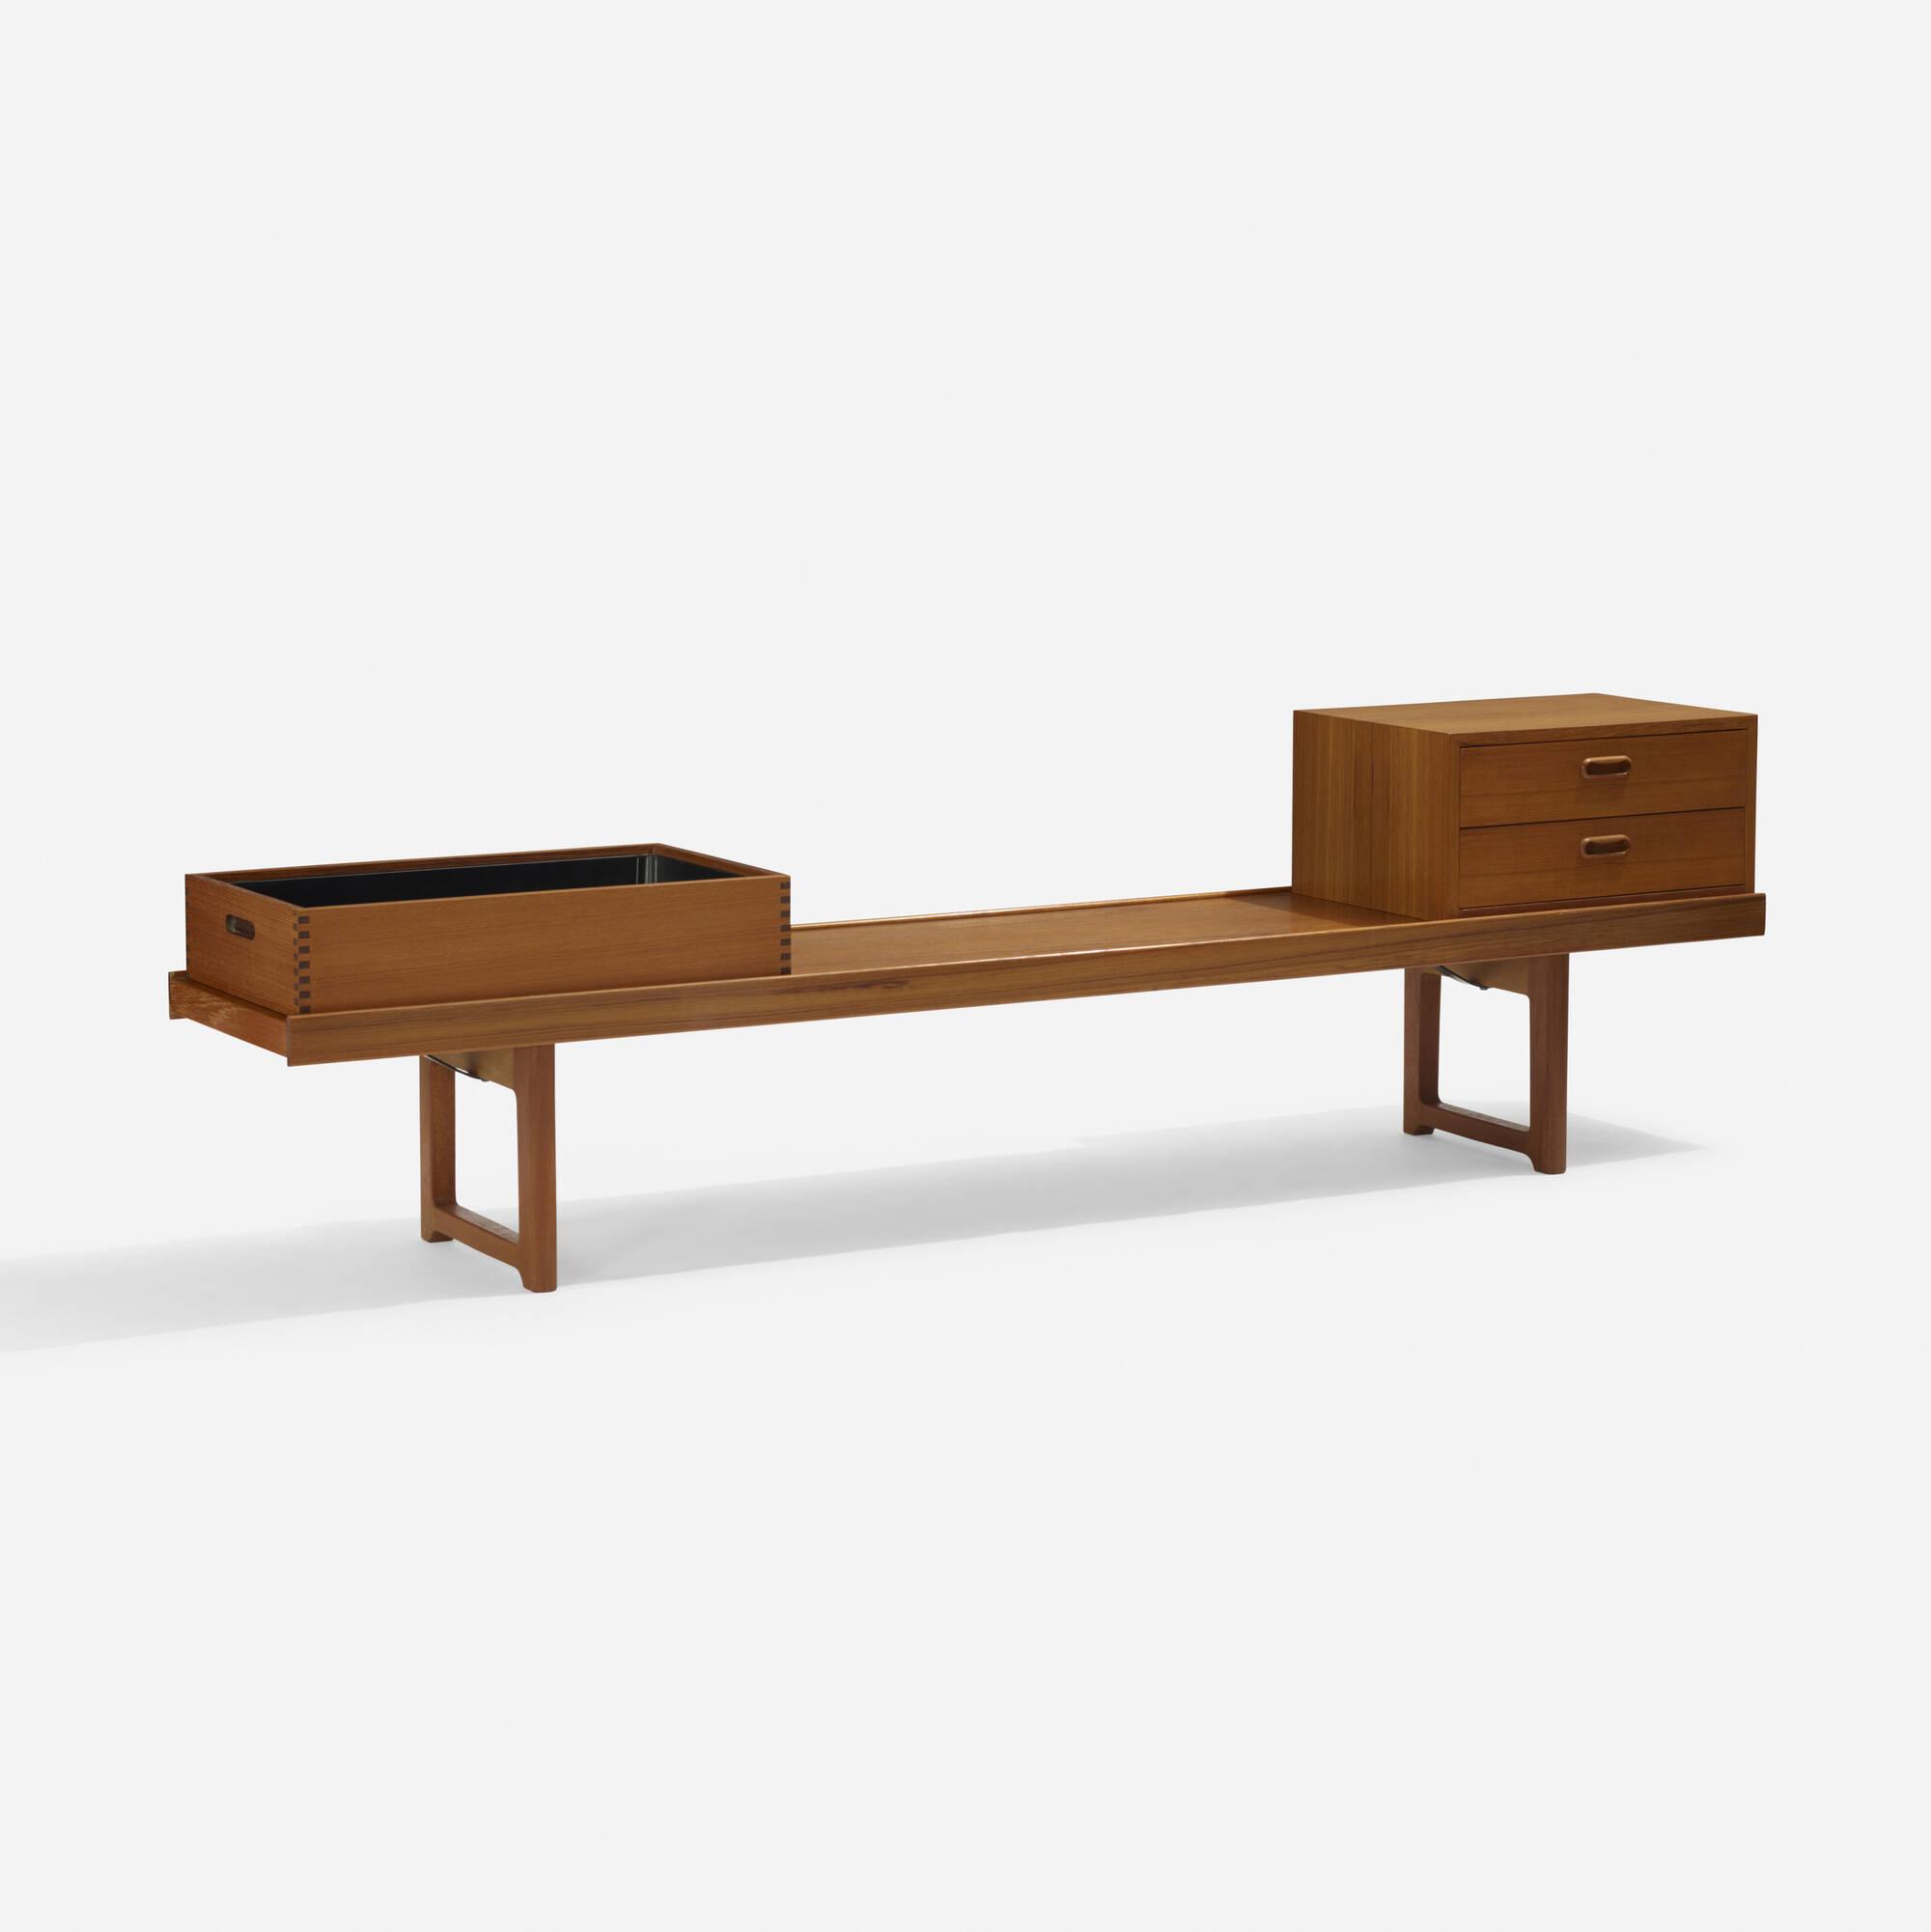 109: Torbjørn Afdal / Krobo bench and accessories (1 of 2)